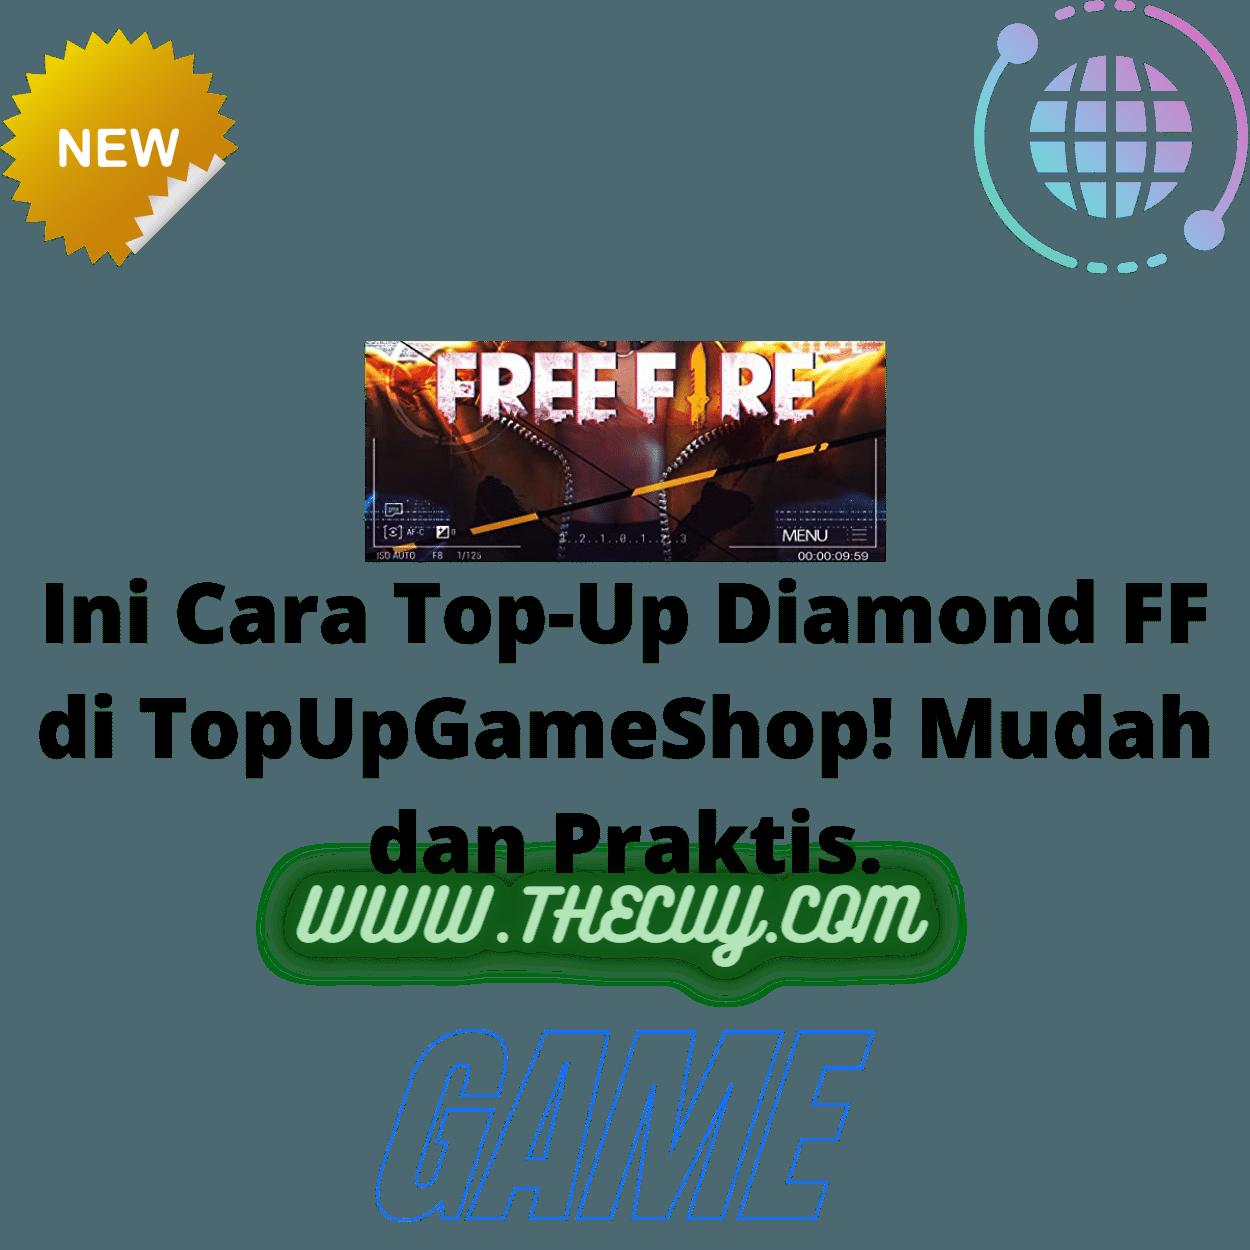 Ini Cara Top-Up Diamond FF di TopUpGameShop! Mudah dan Praktis